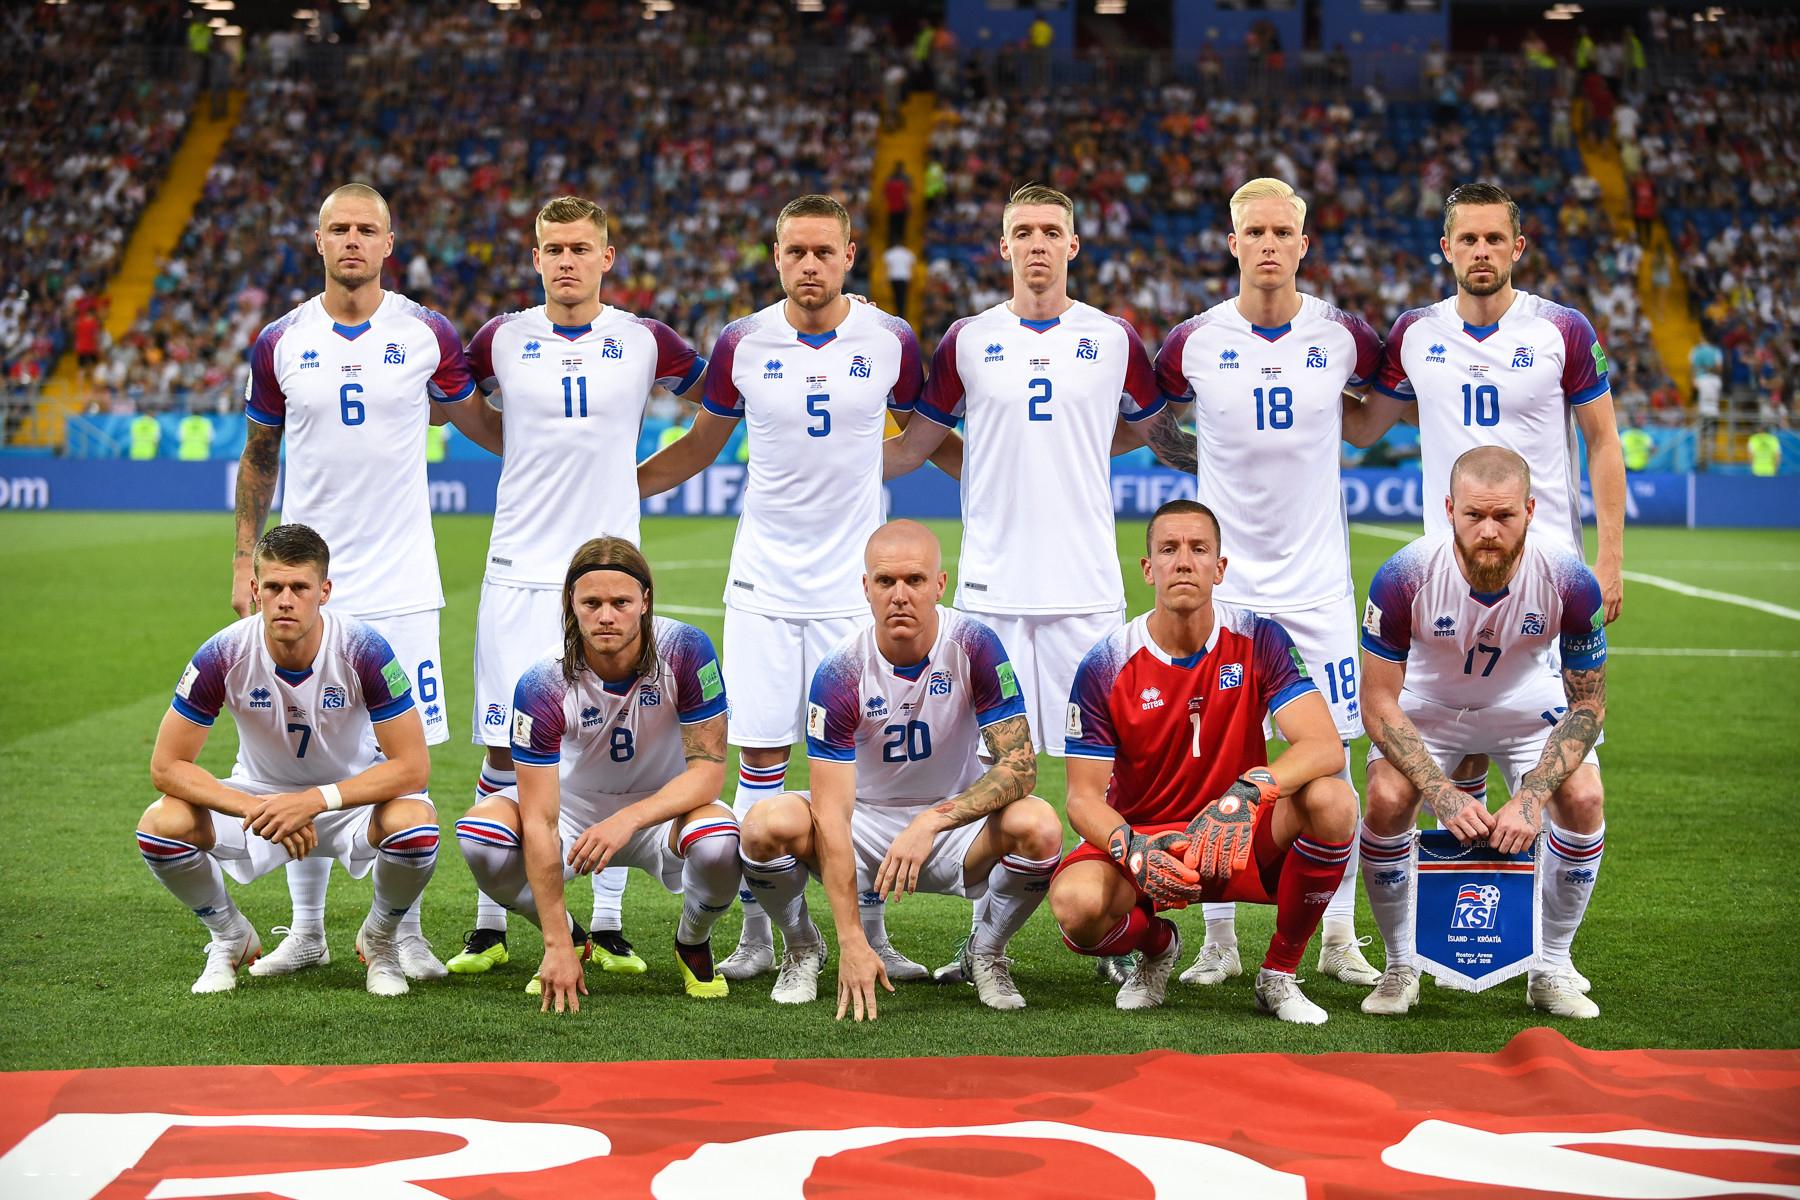 Island Em Team